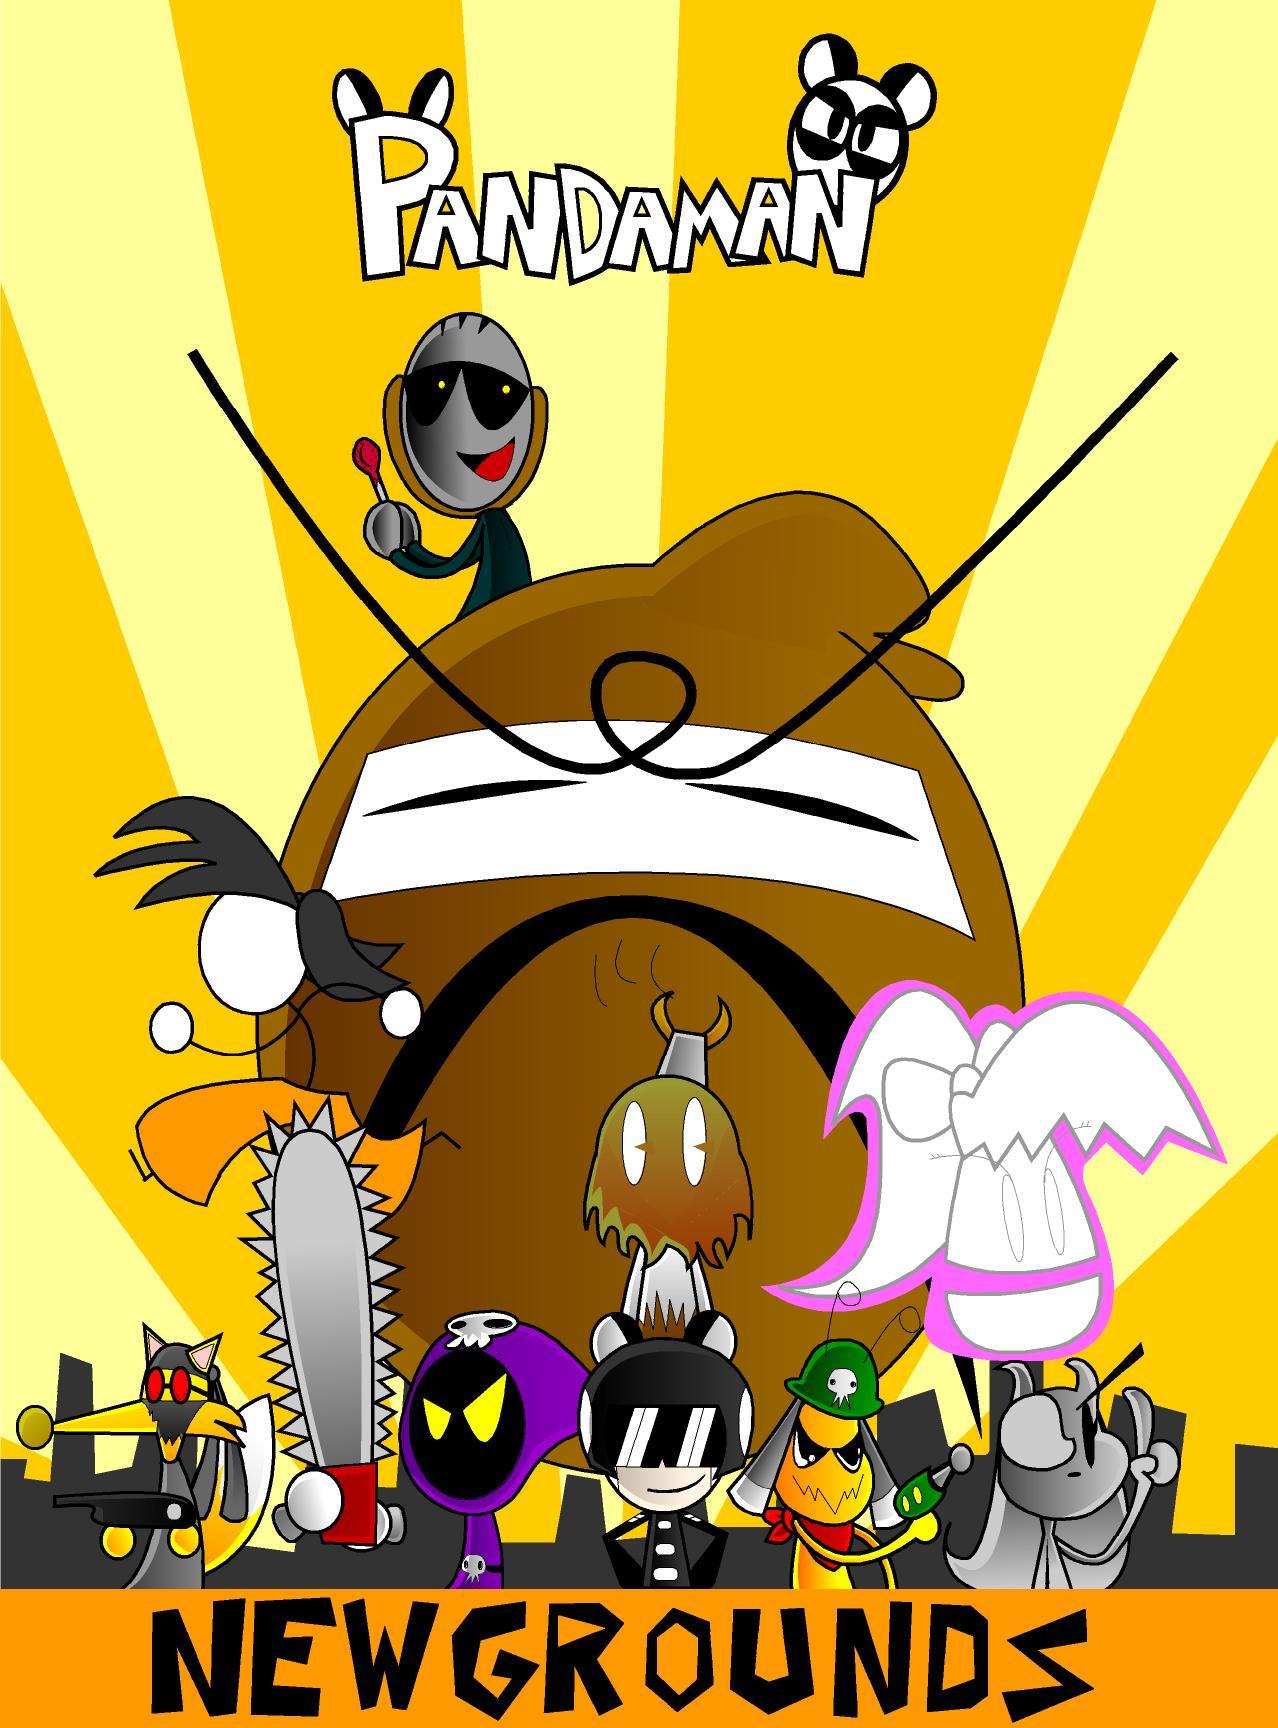 Pandaman Newgrounds